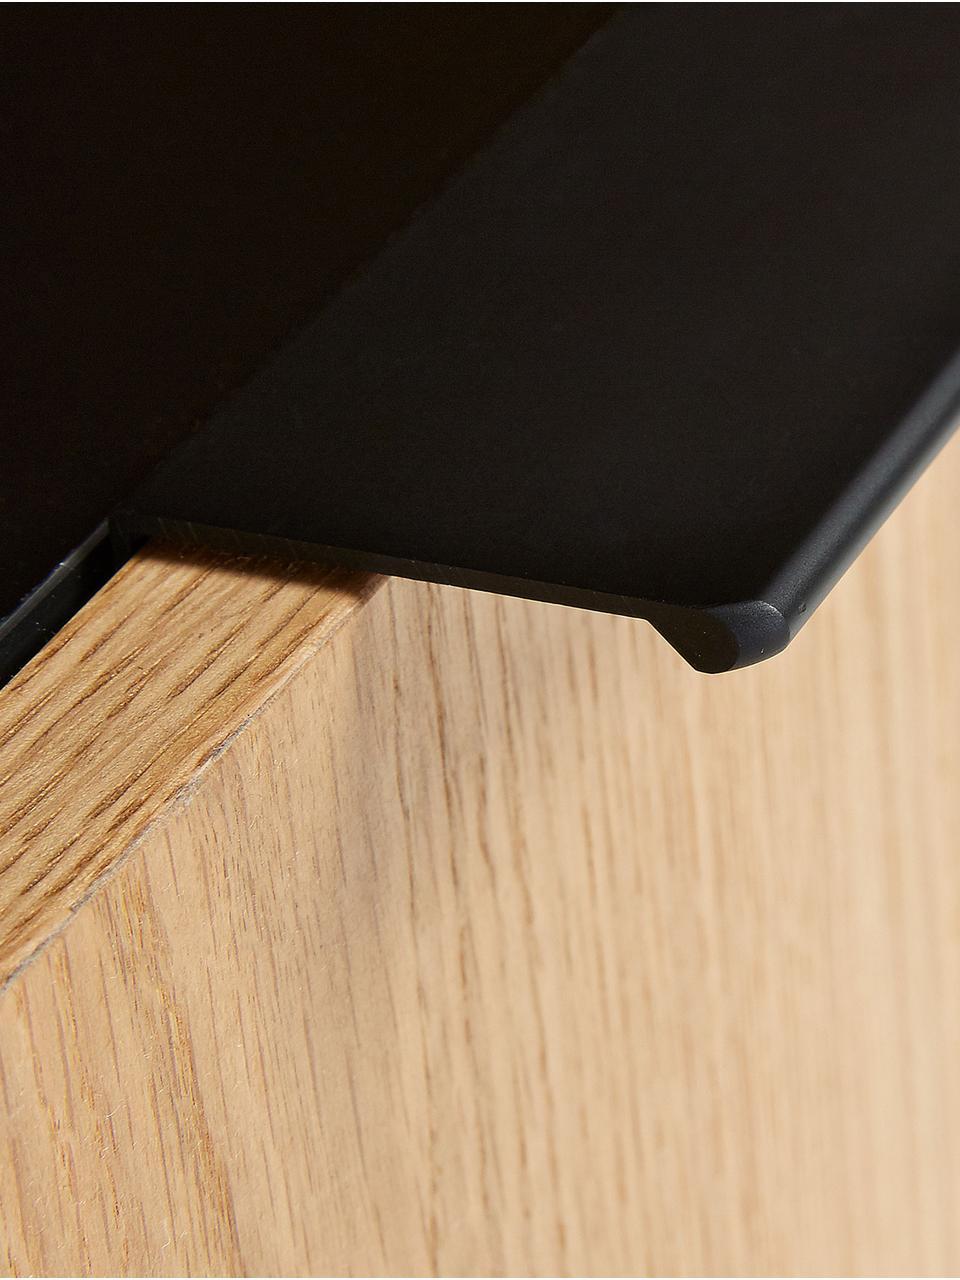 Highboard Stellar mit Türen aus Eichenholzfurnier, Korpus: Mitteldichte Holzfaserpla, Front: Mitteldichte Holzfaserpla, Füße: Metall, beschichtet, Schwarz, Eichenholz, 100 x 150 cm